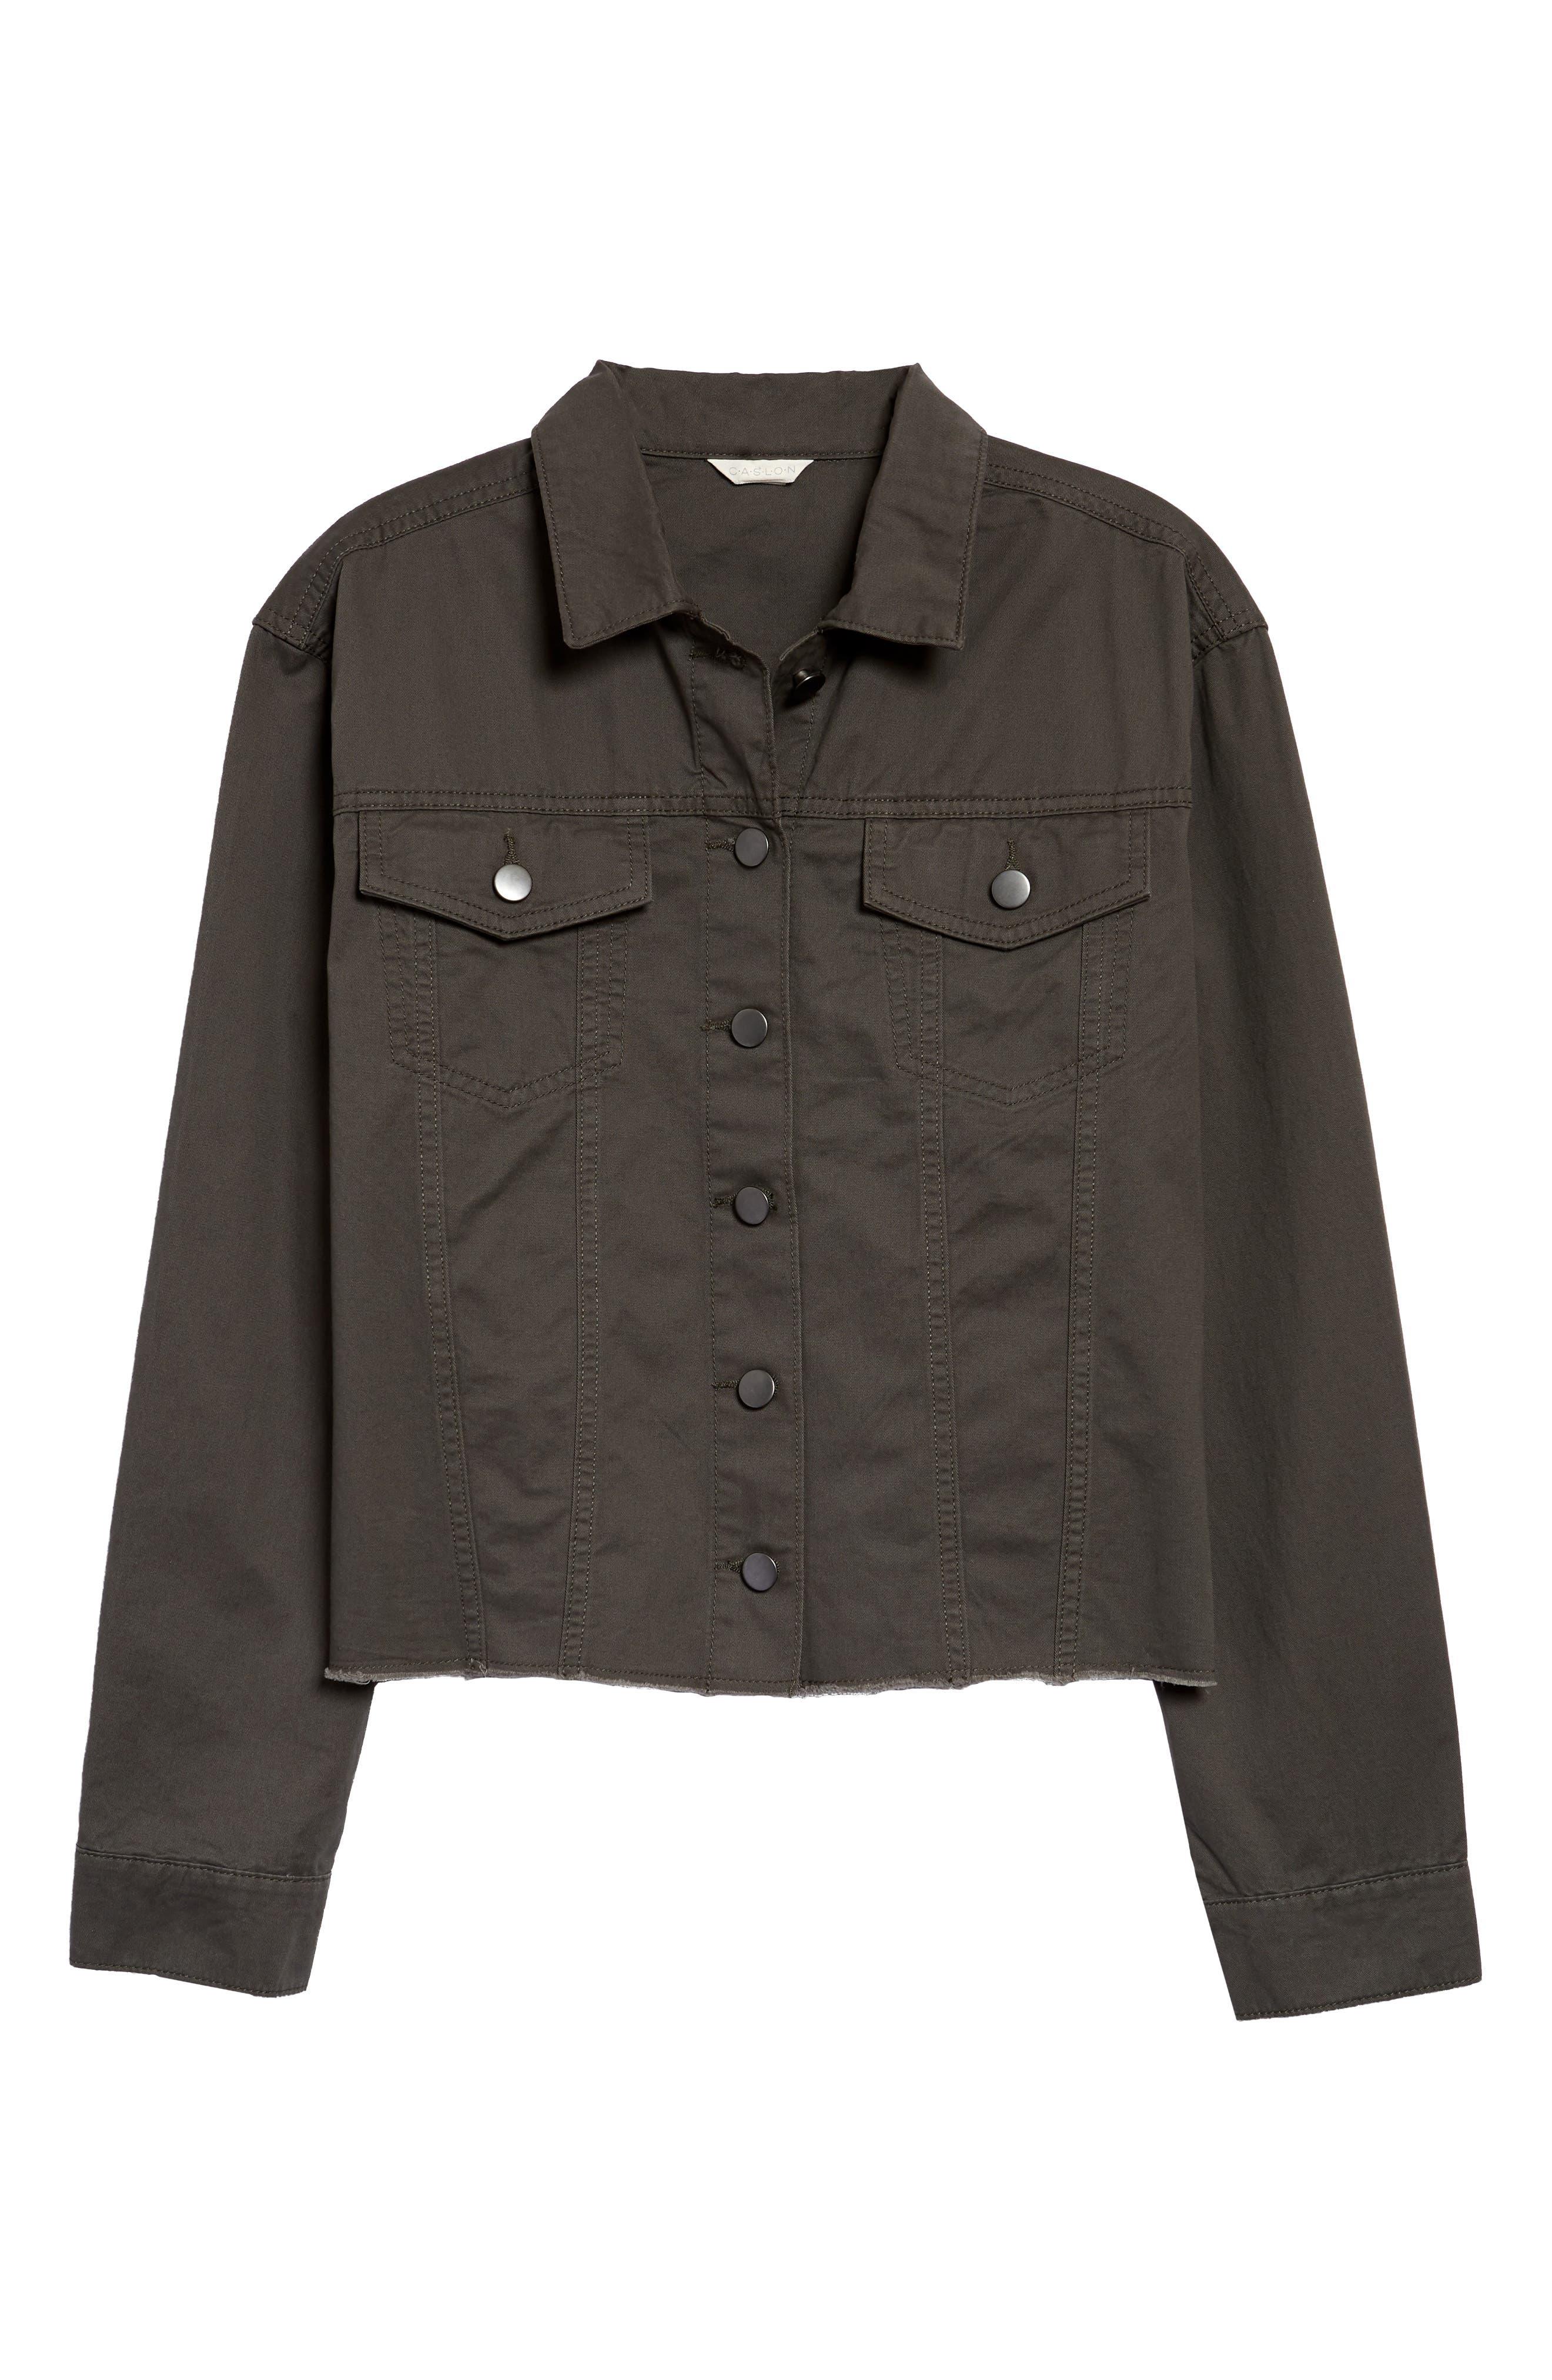 Image of Caslon Fringe Twill Jacket